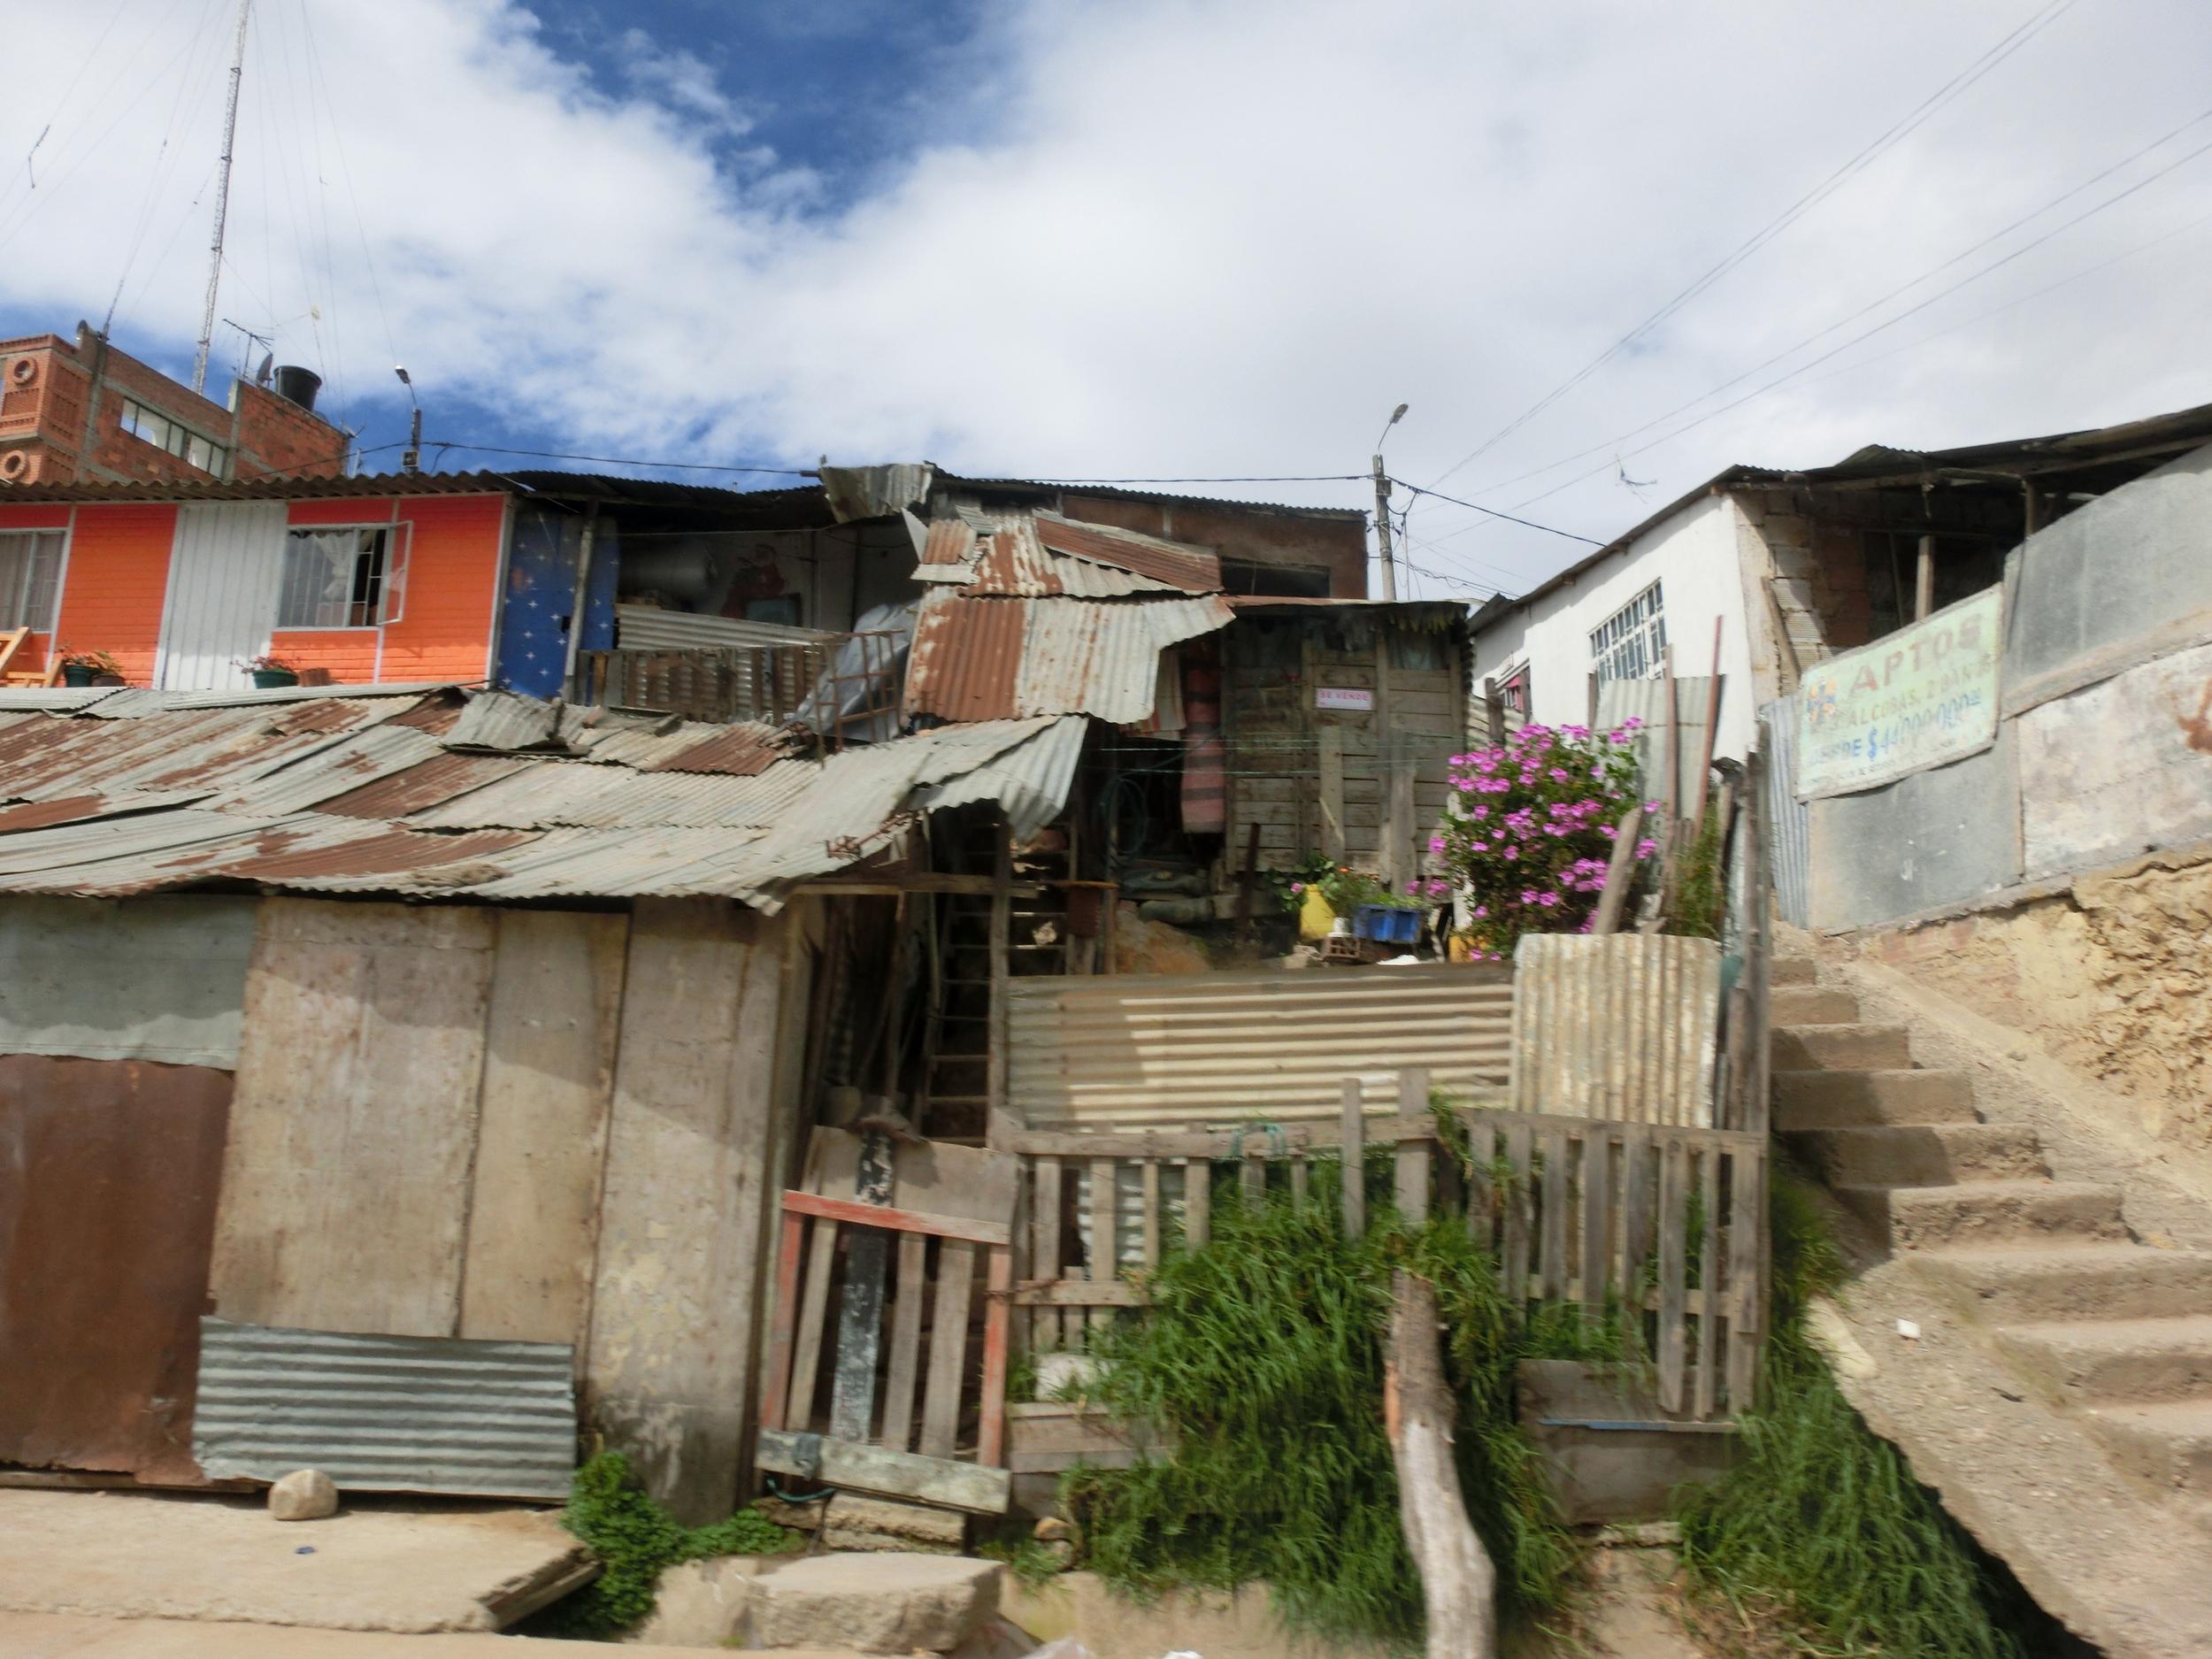 The community of Altos del Pino in Cazuca, Soacha